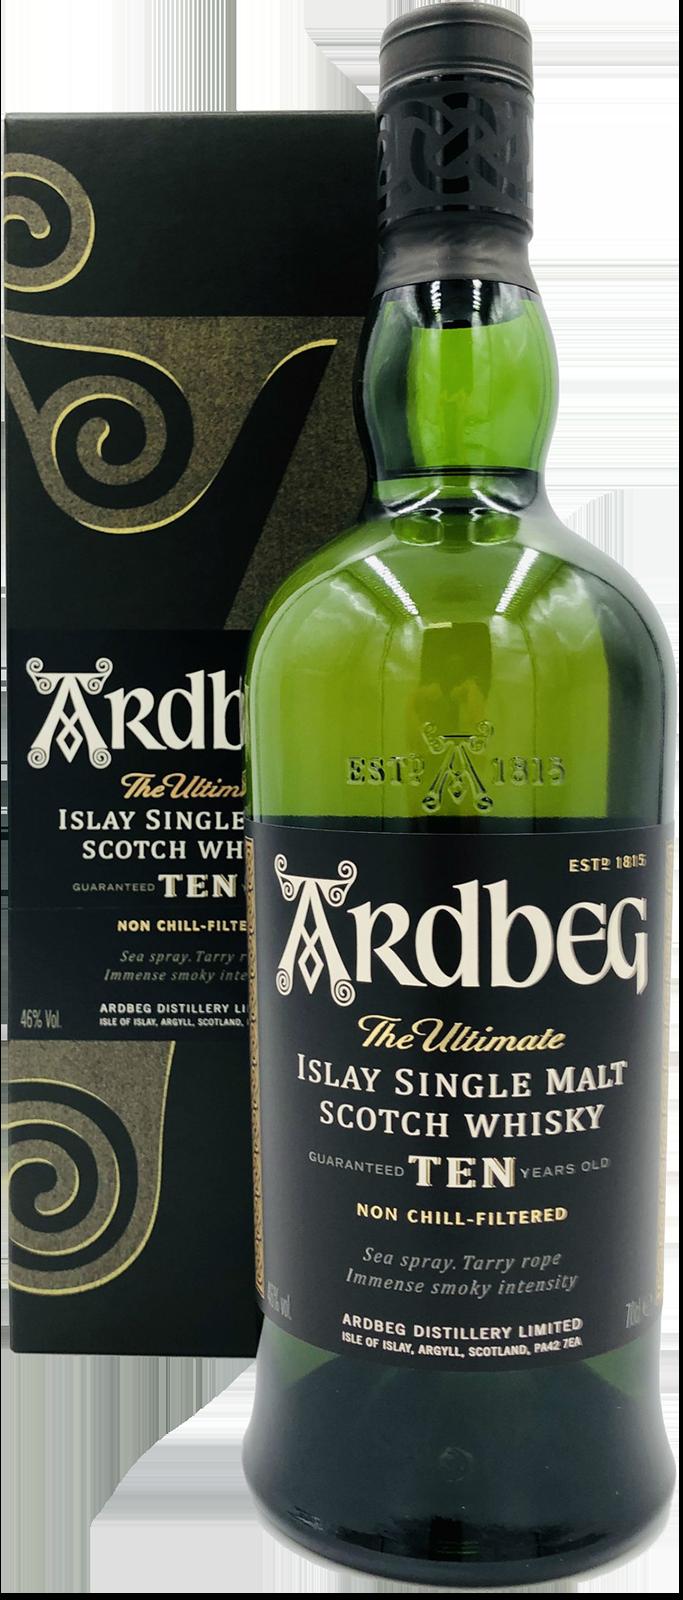 NV-Ardbeg Whisky 10 Years